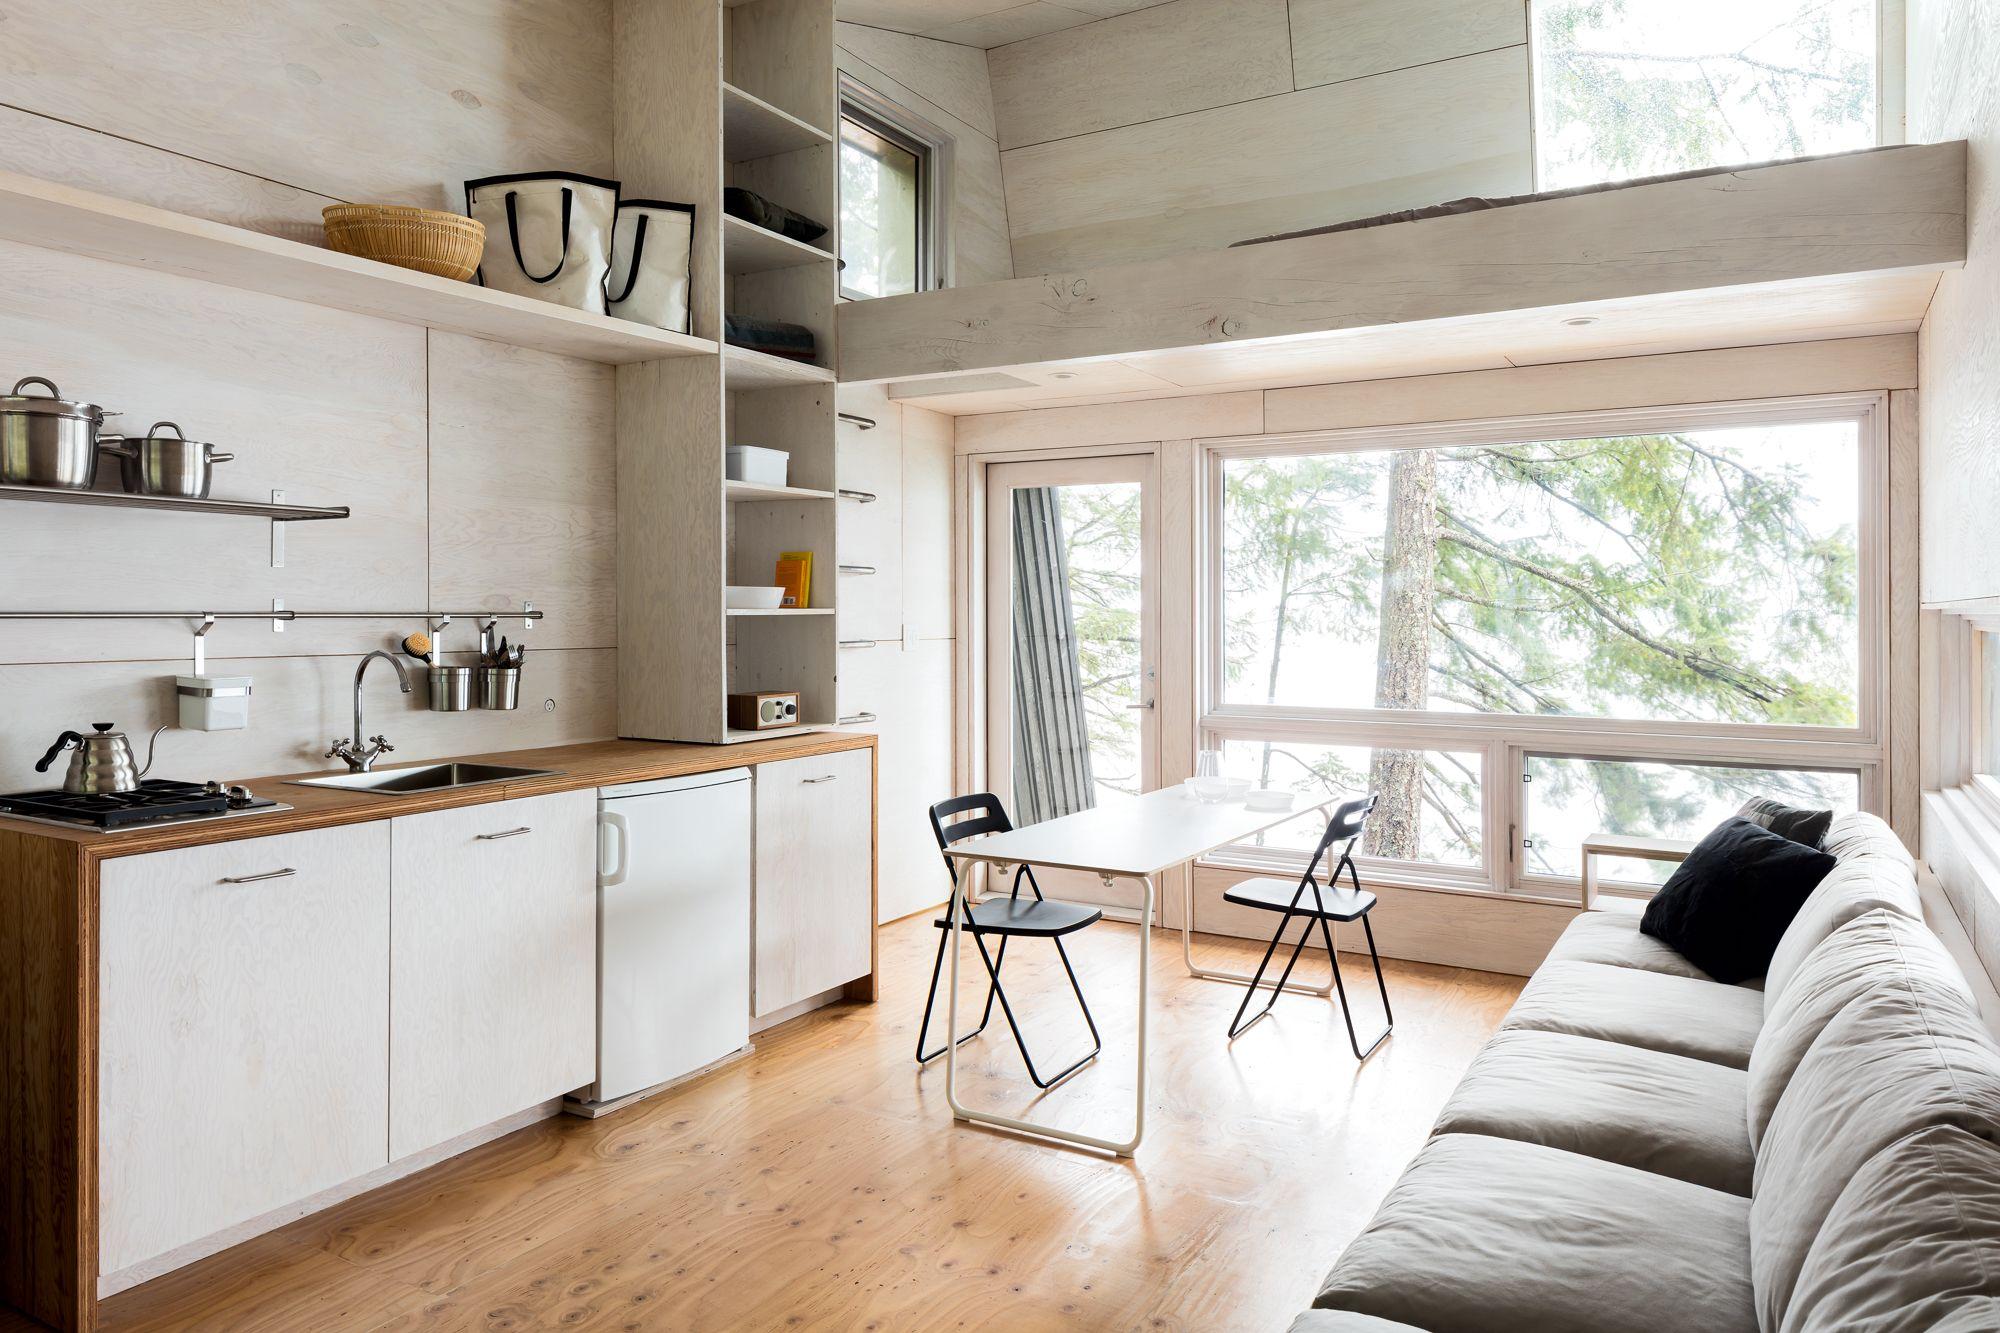 Gemütlich Outdoor Küche Rahmen Galerie - Rahmen Ideen ...